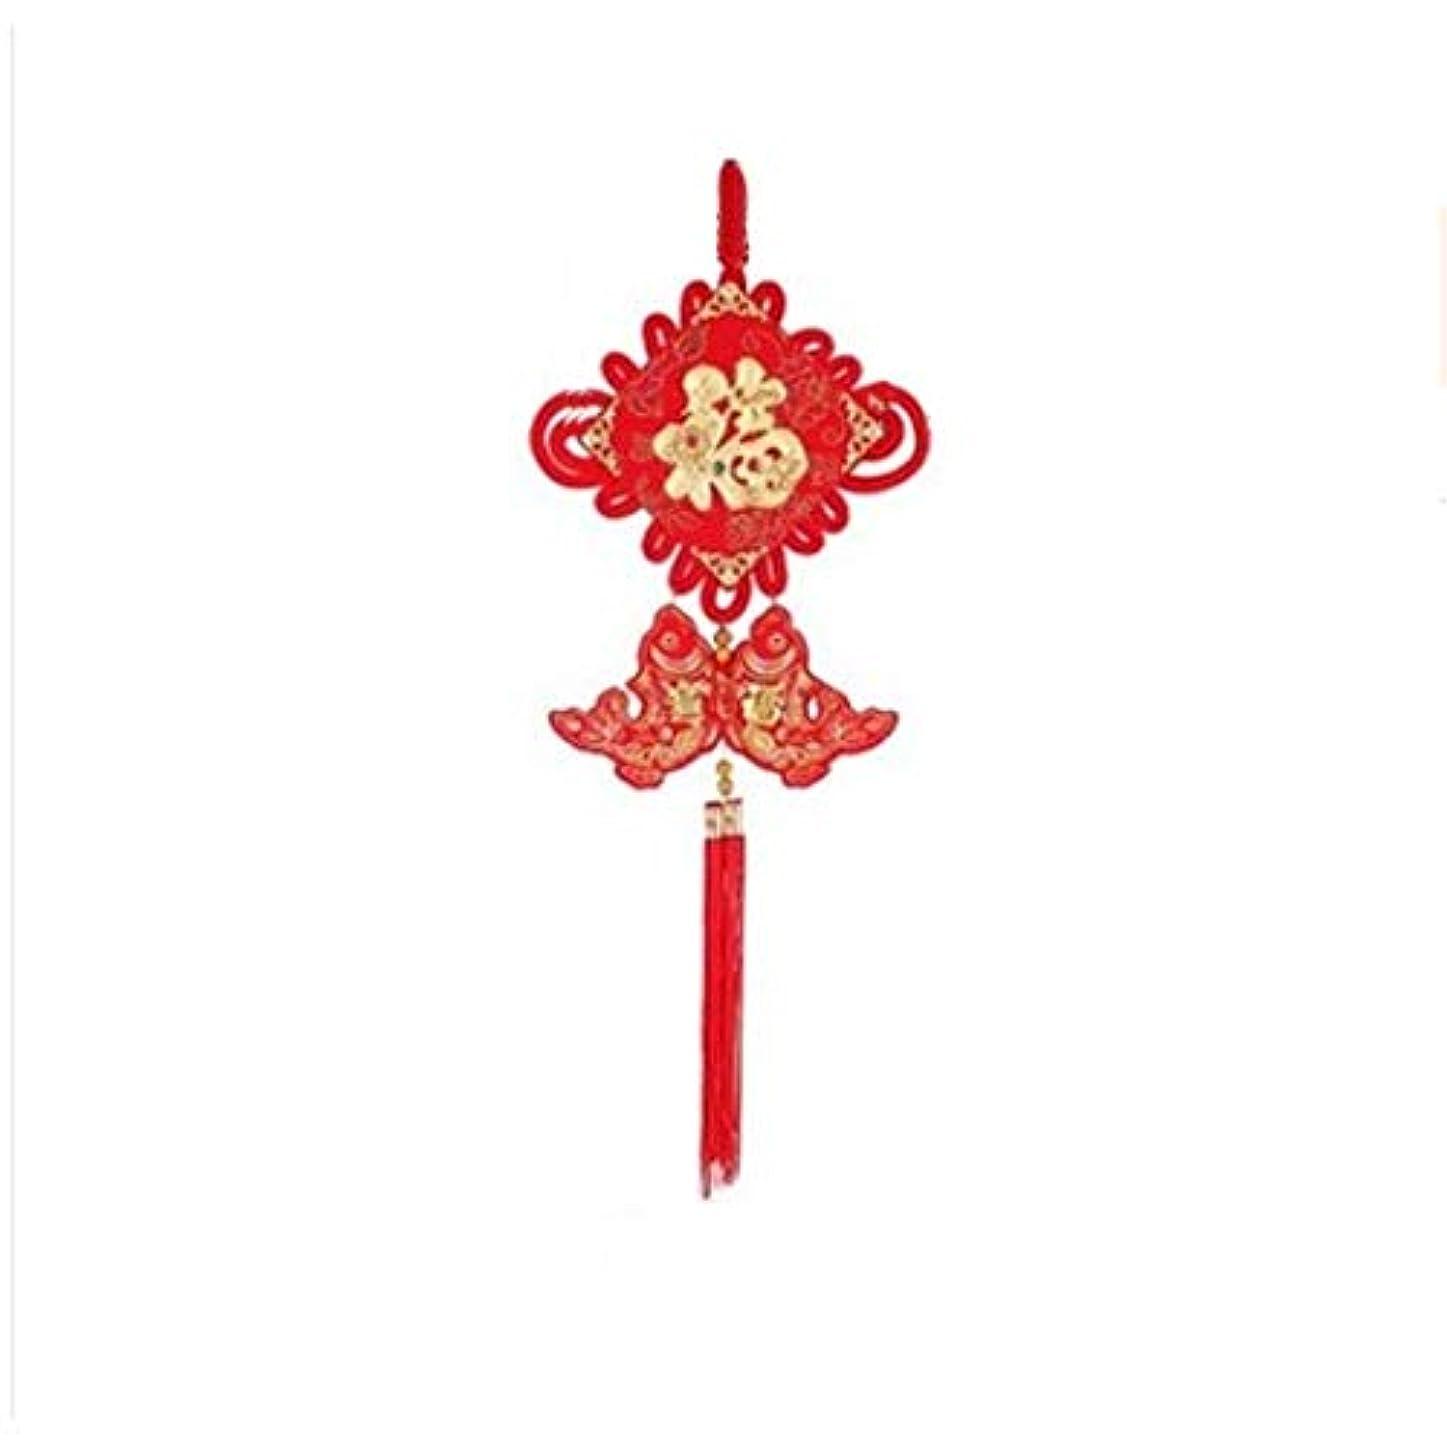 変化する二週間未接続Kaiyitong01 高品位の赤の祝福中国の結び目、中国の新年ぶら下げ装飾品、ギフト、家の装飾、赤,絶妙なファッション (Size : 80cm)